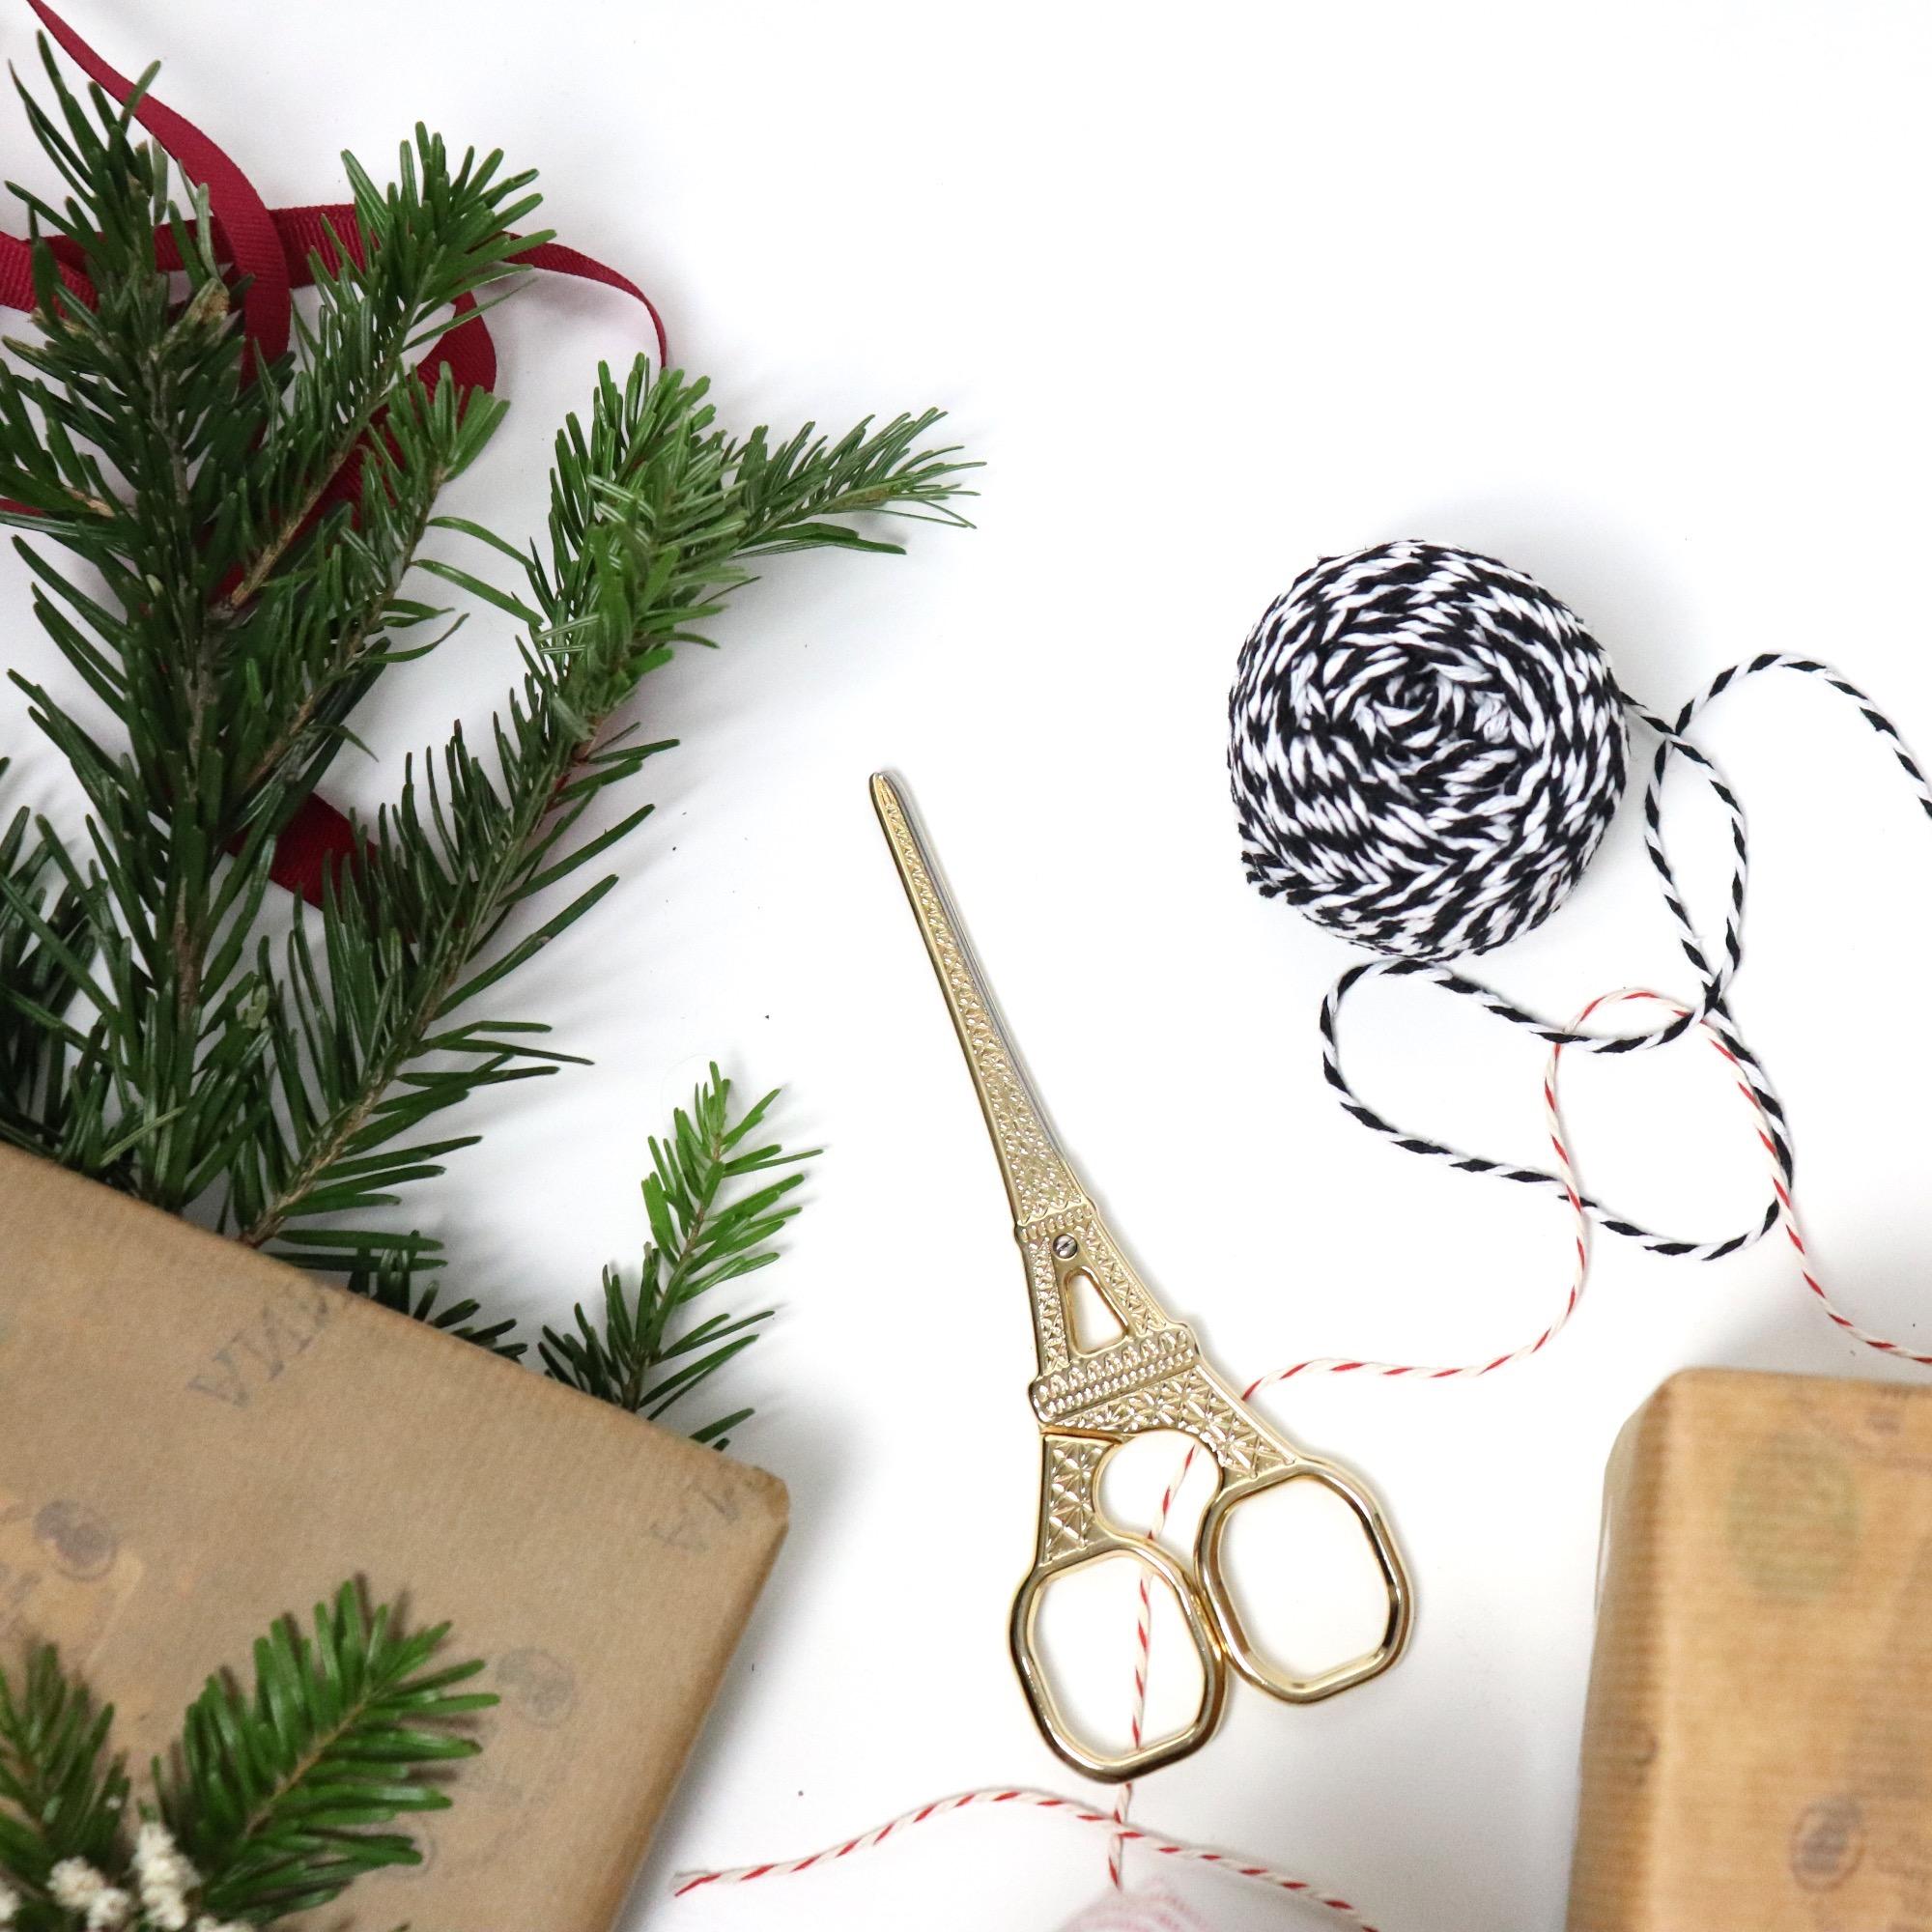 Quand ouvrir les cadeaux de Noël